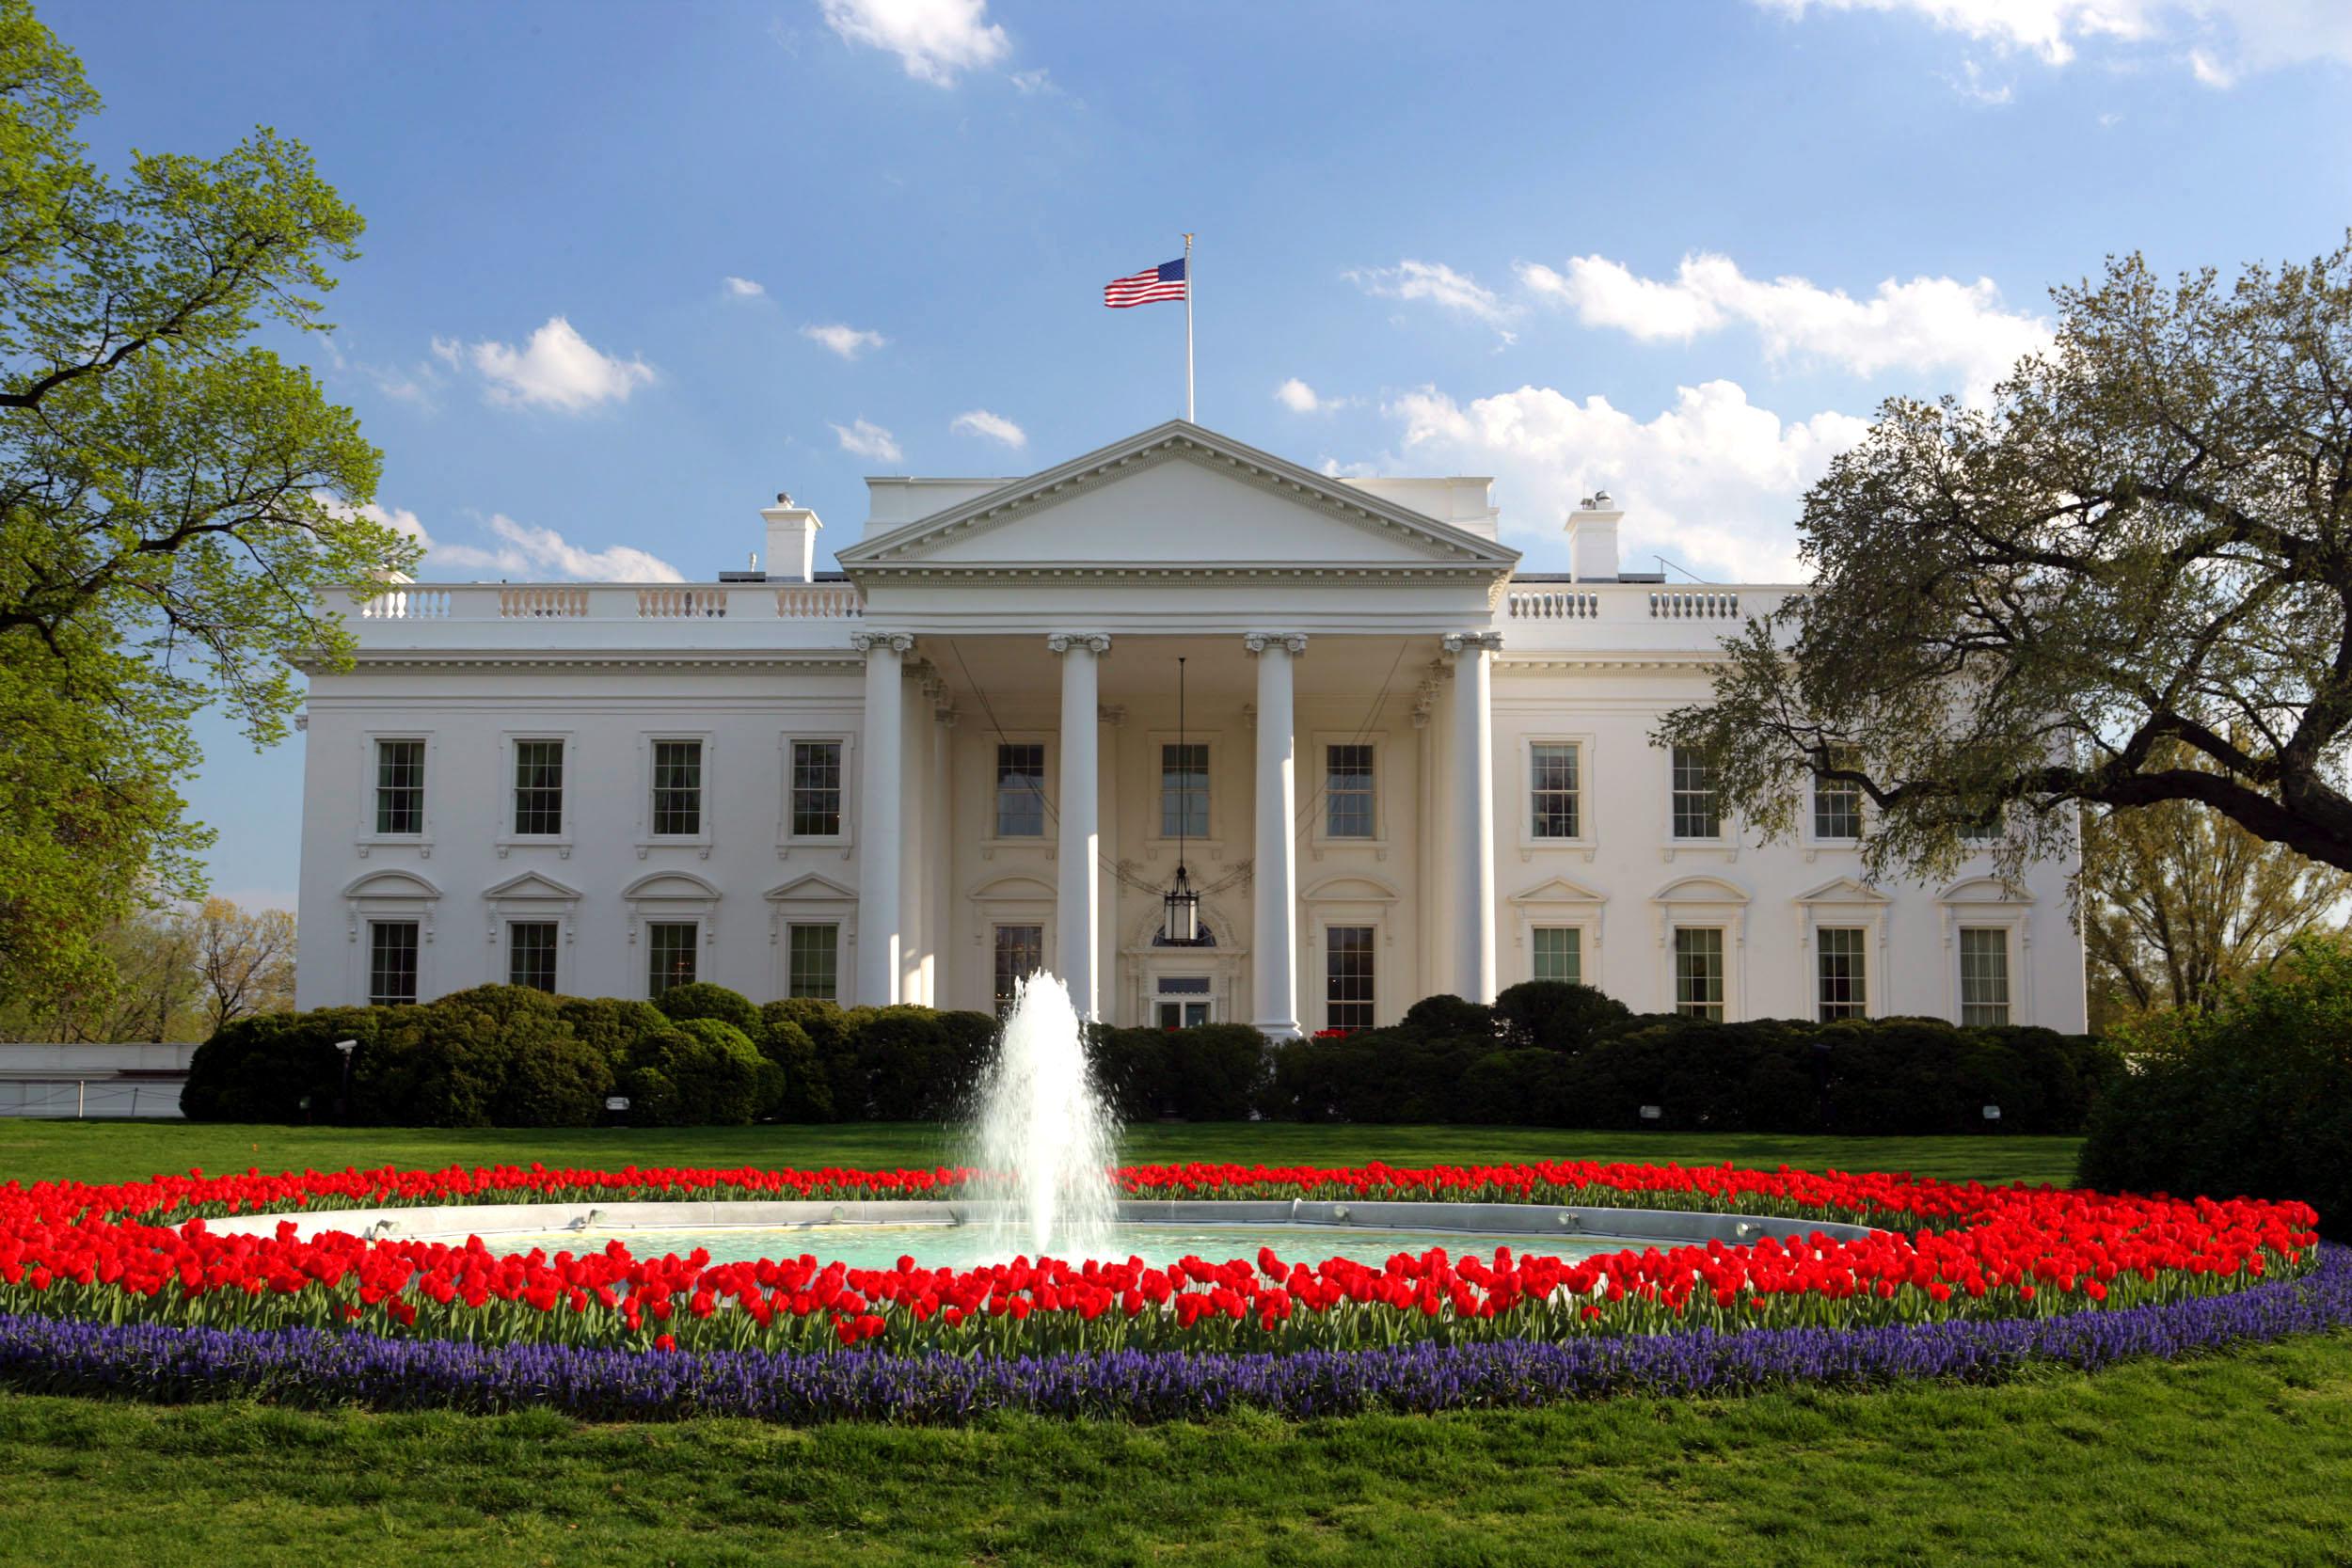 صناعة القرار في البيت الأبيض